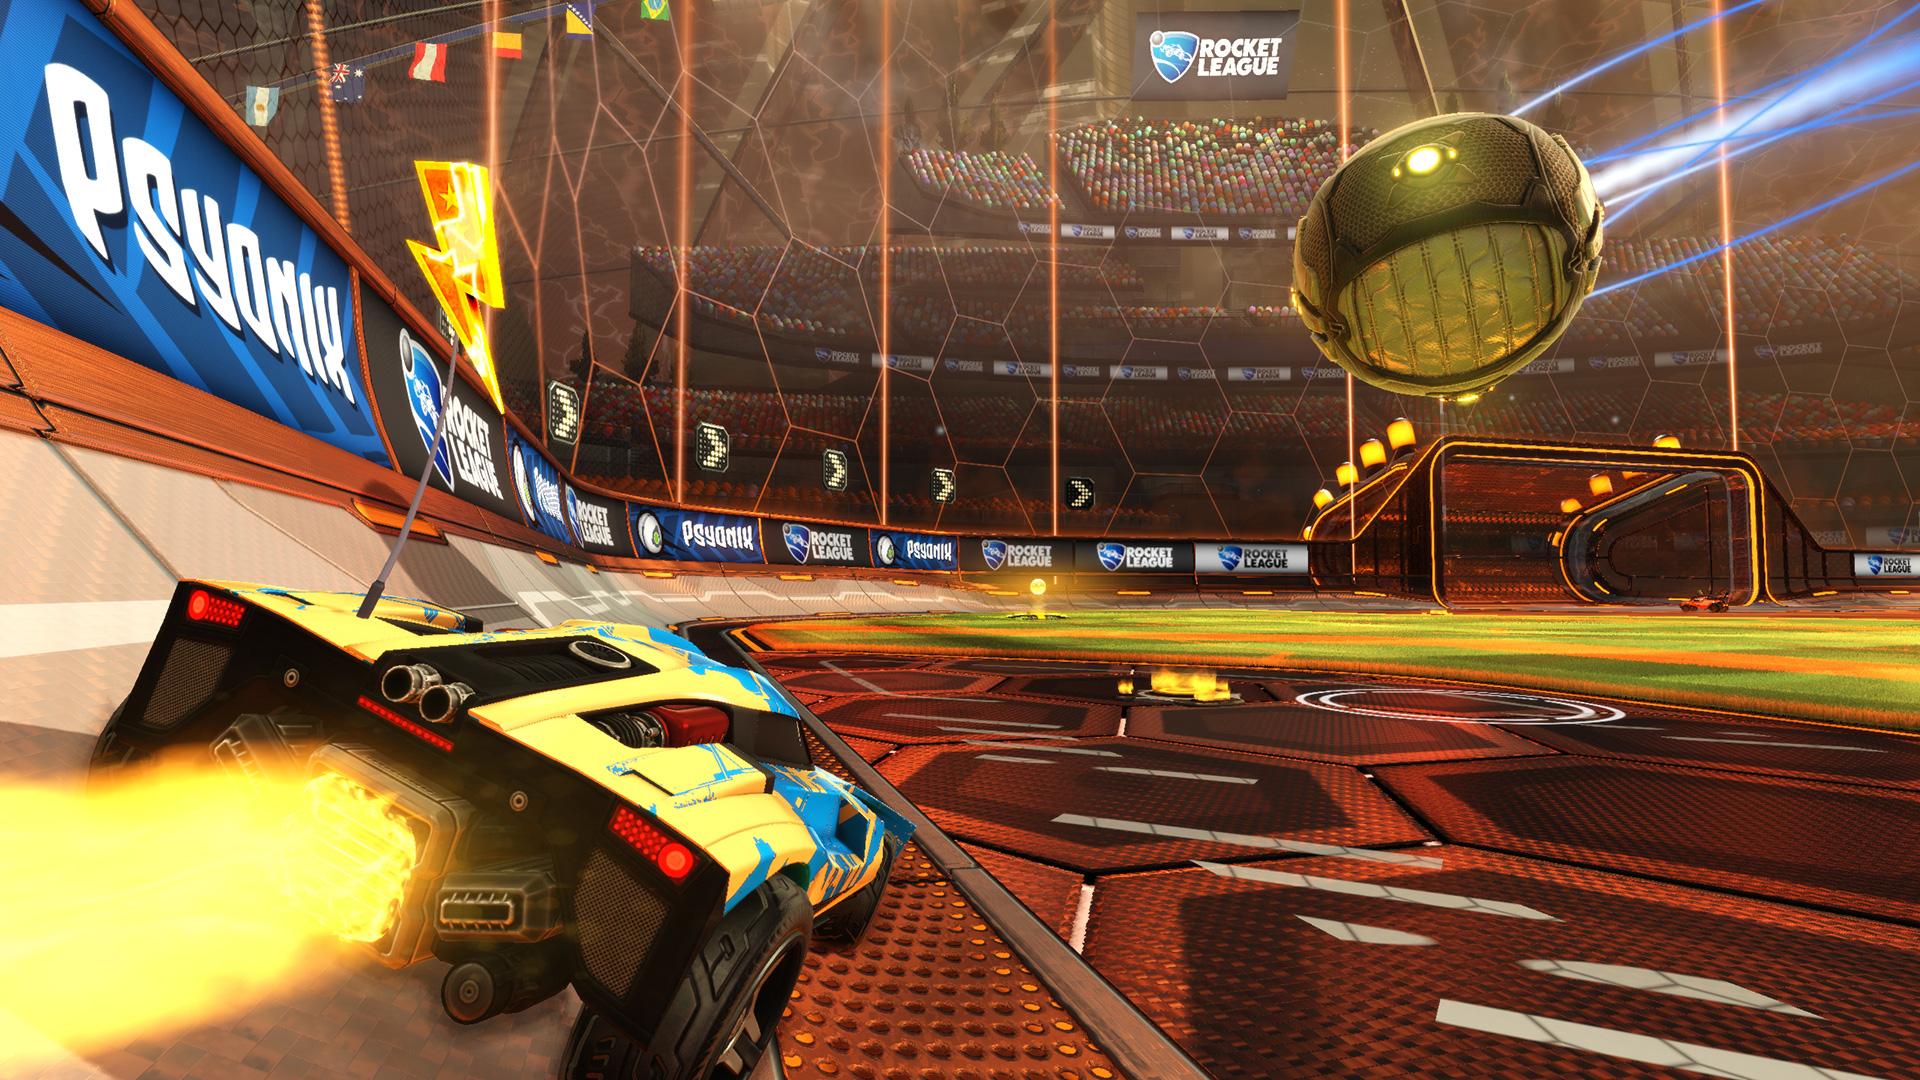 Rocket League - Steam - Imagem 1 do software